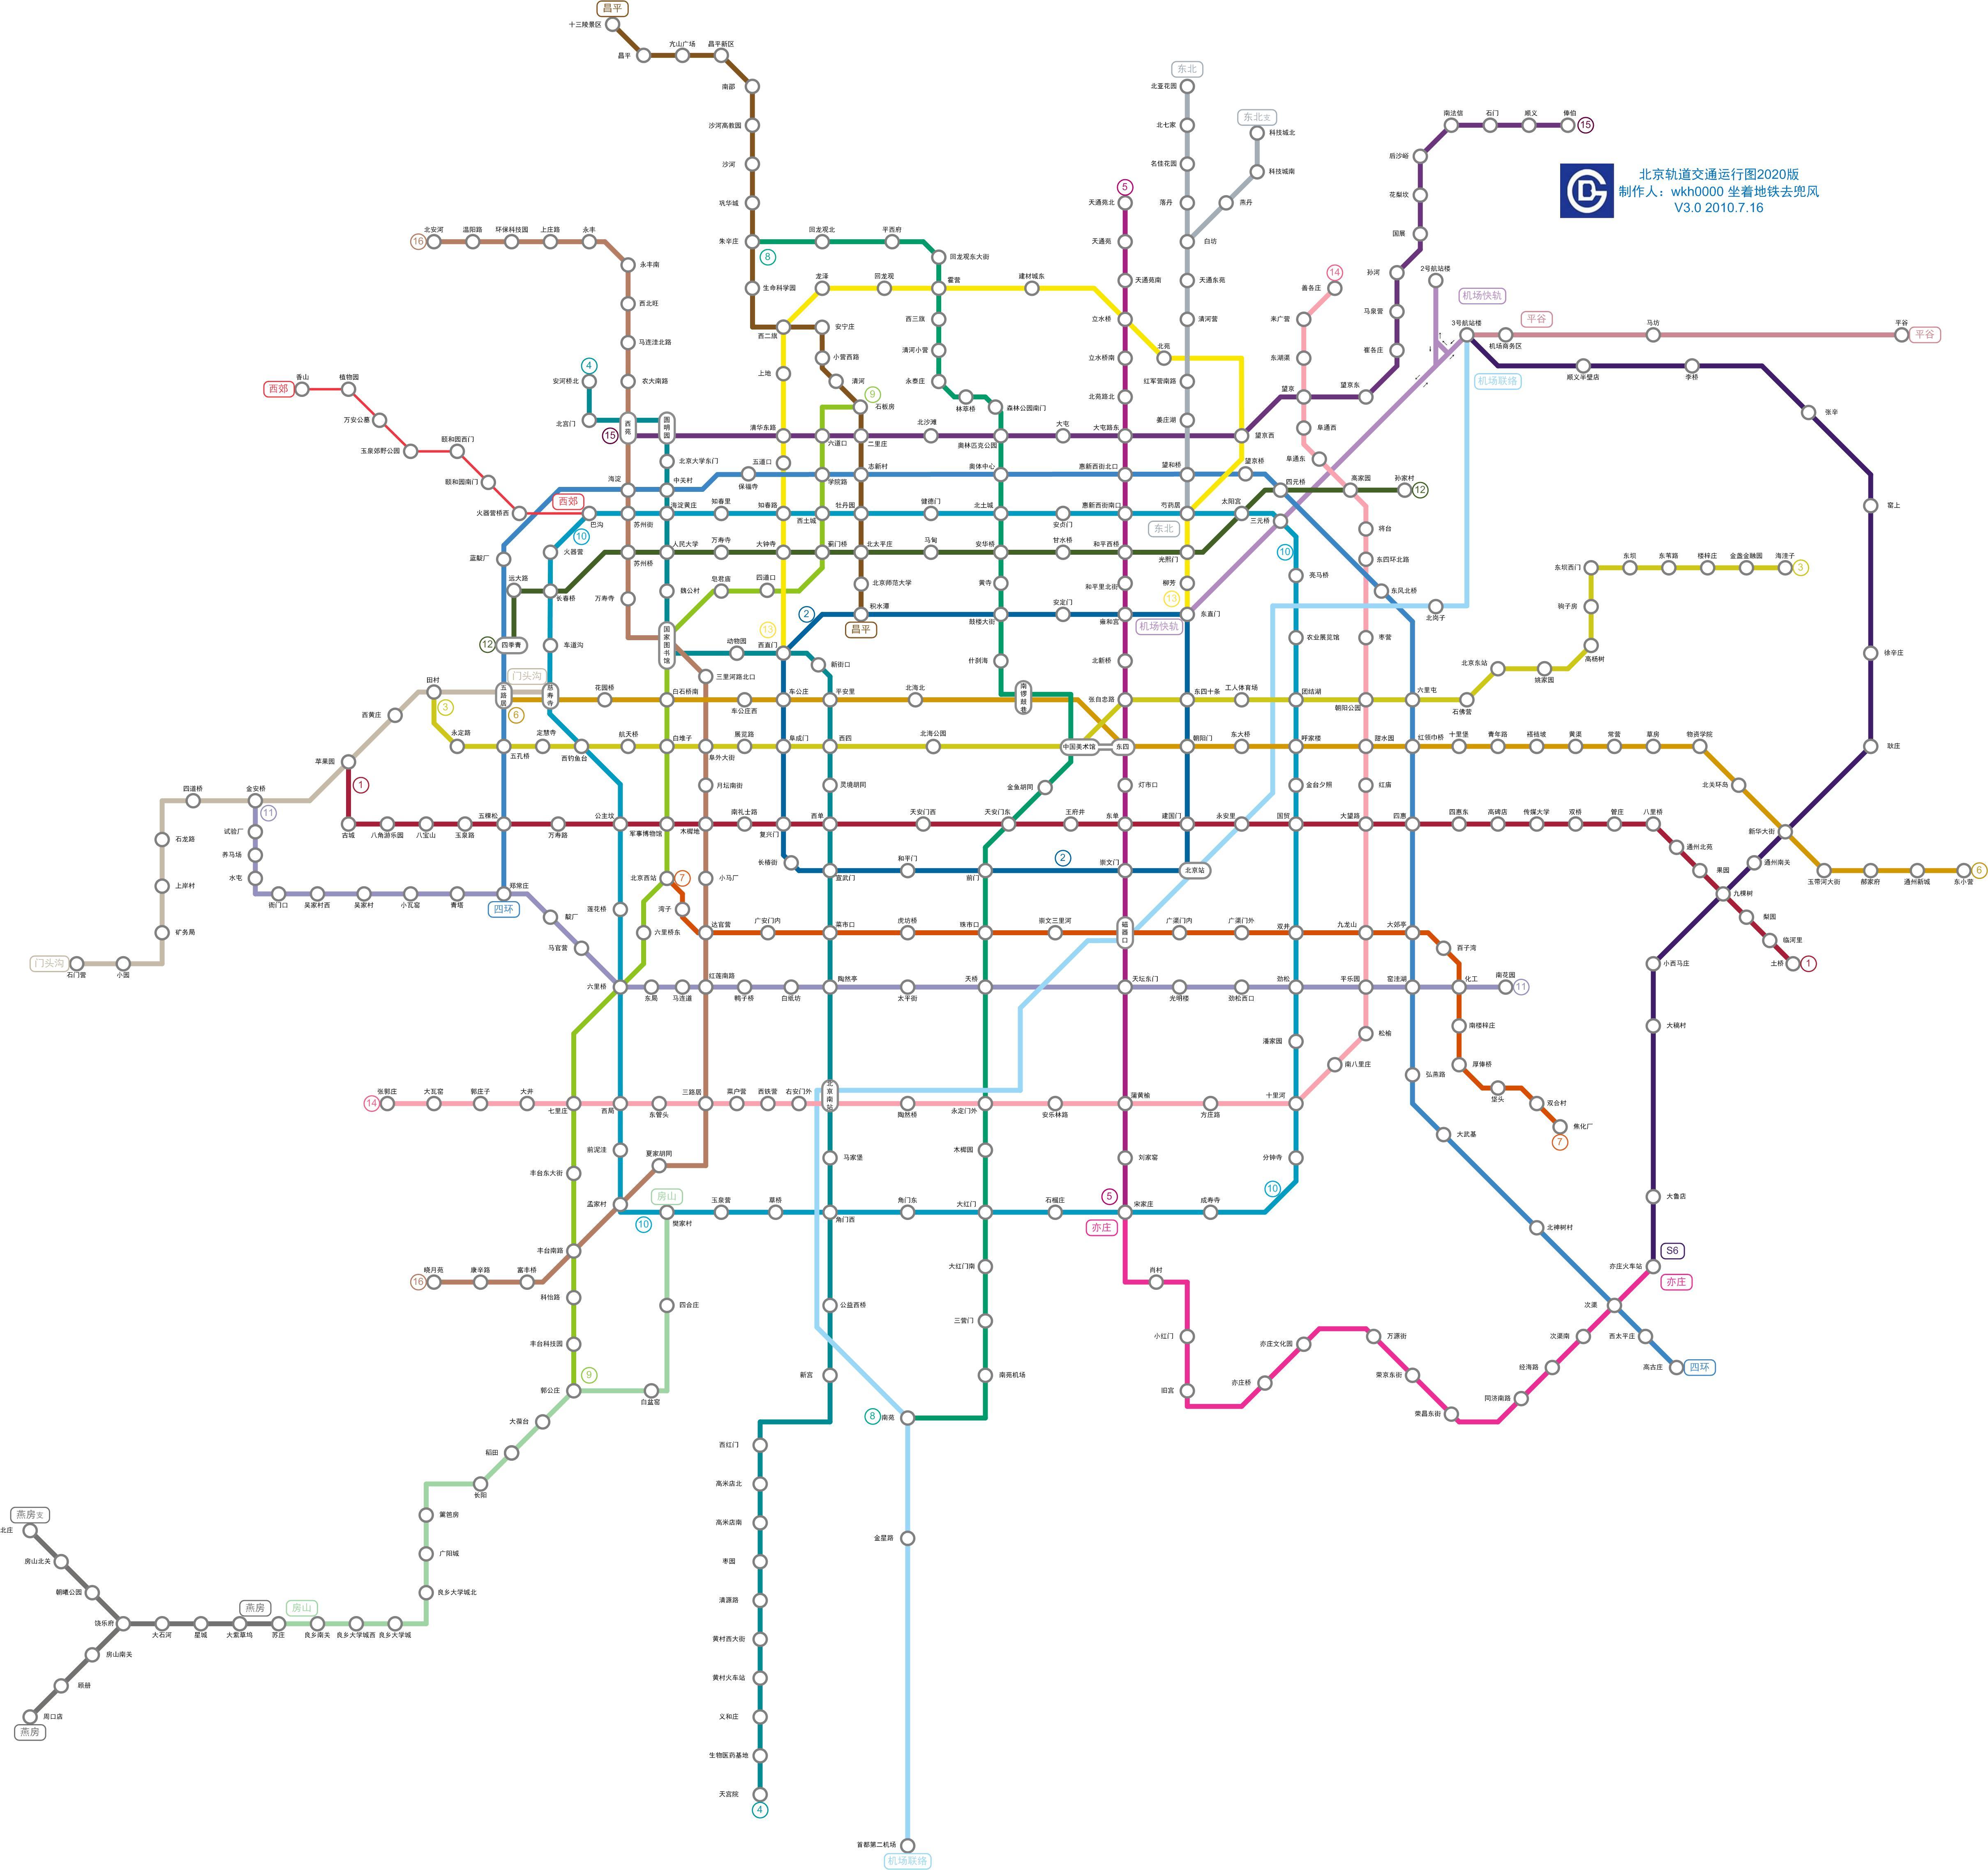 北京地铁4号线线路图大兴图片